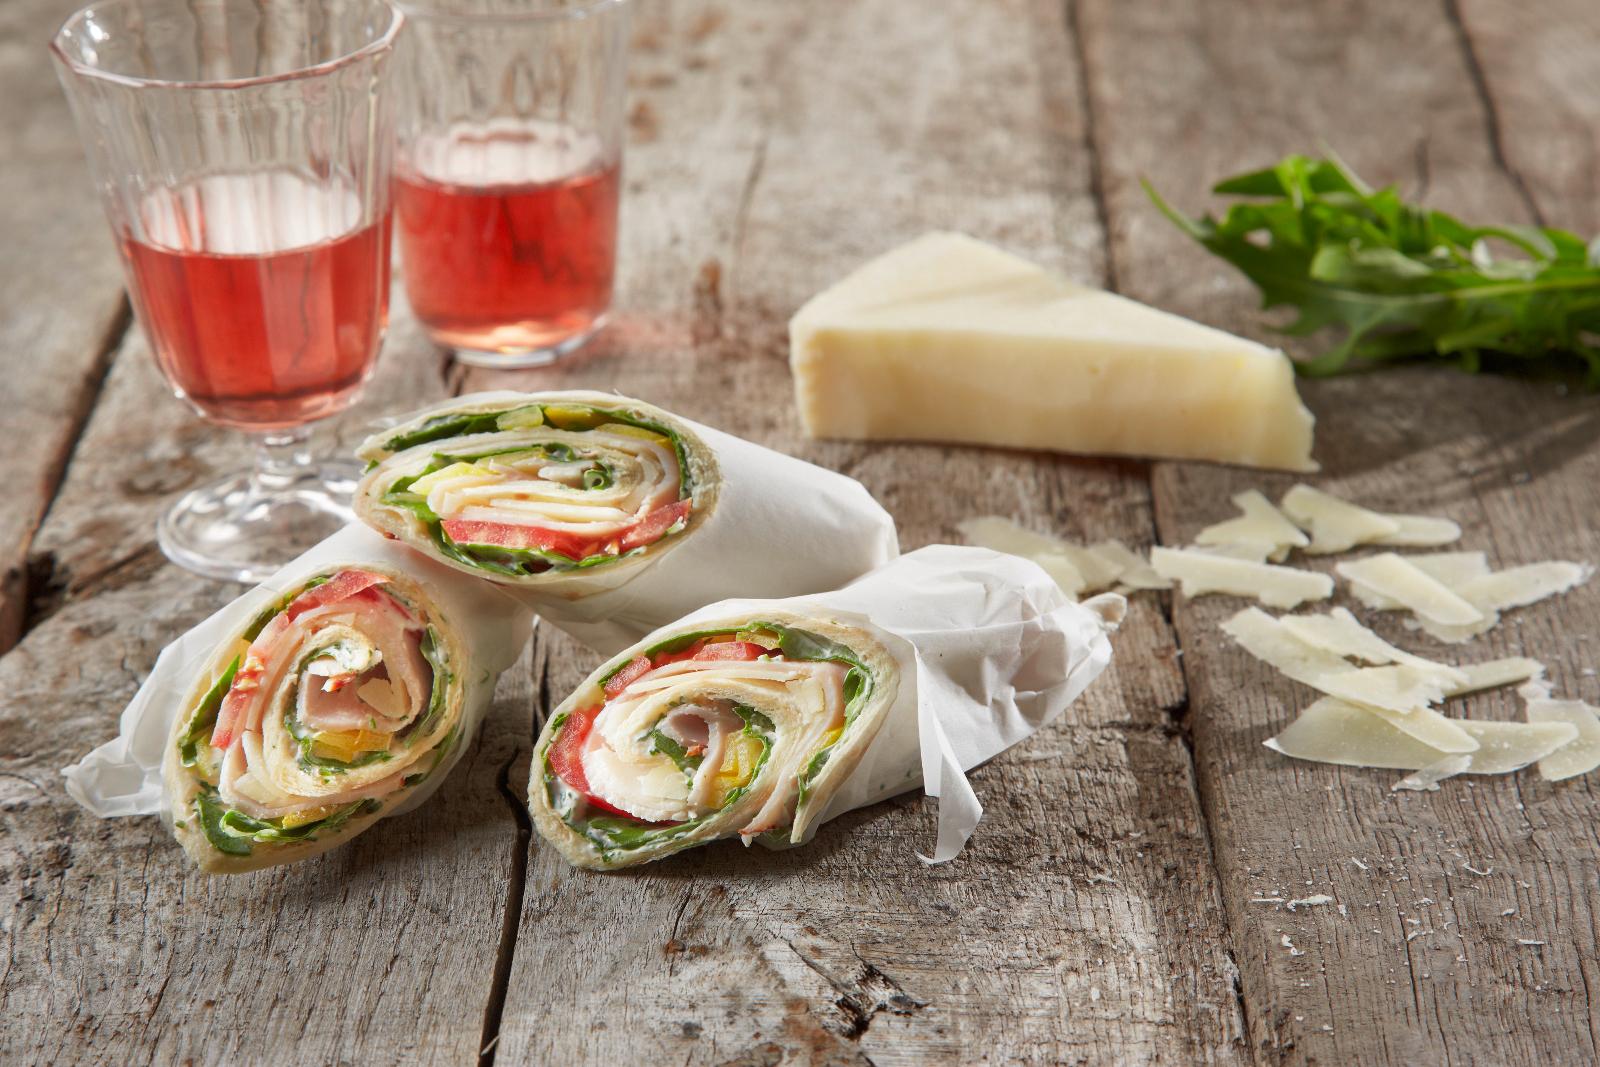 Der würzig gefüllte Wrap ist ideal zum Snacken, für Partys oder zum Picknick.